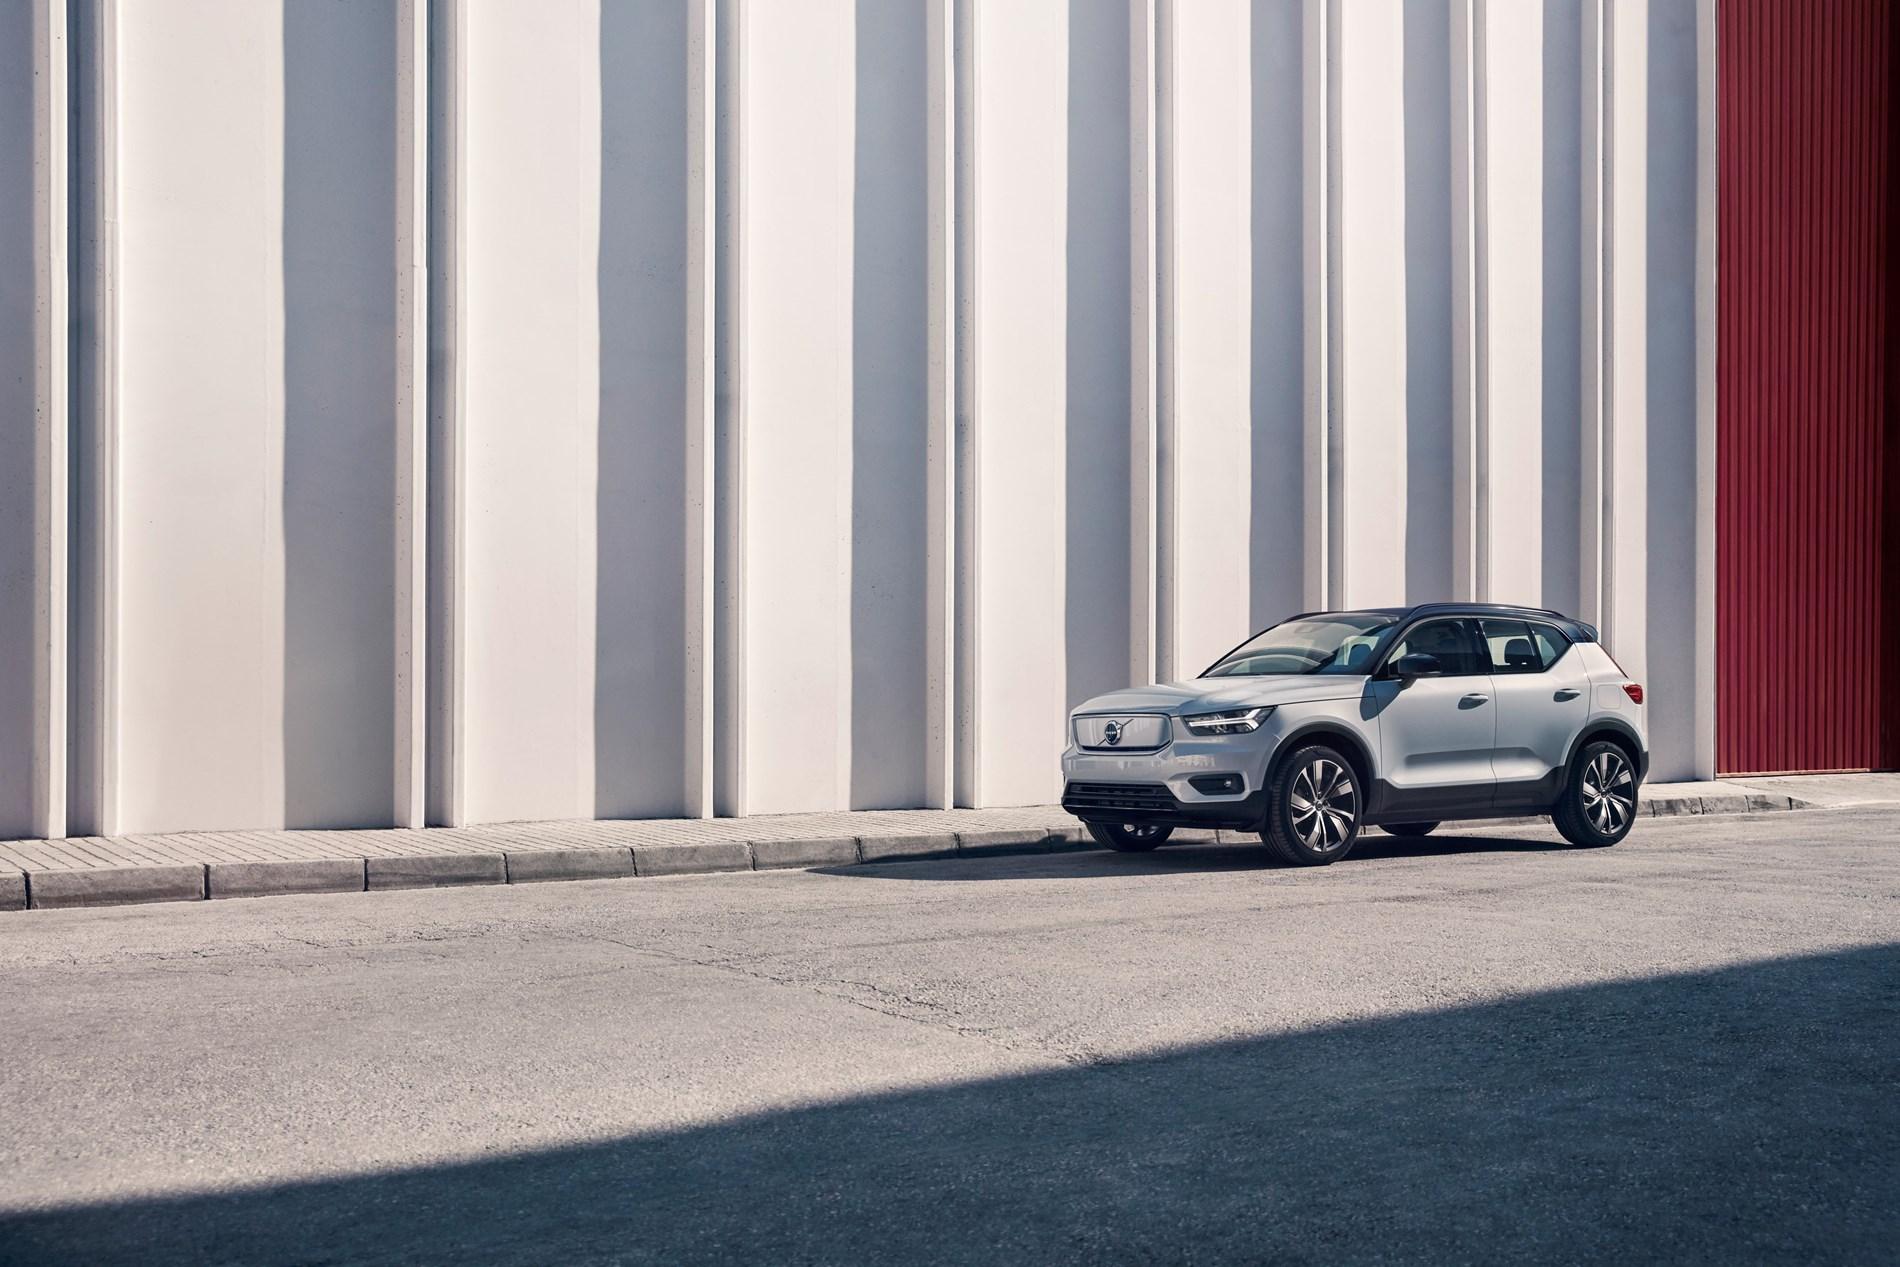 Volvo Cars lanceert de volledig elektrische Volvo XC40 Recharge als onderdeel van een nieuwe lijn elektrische auto's